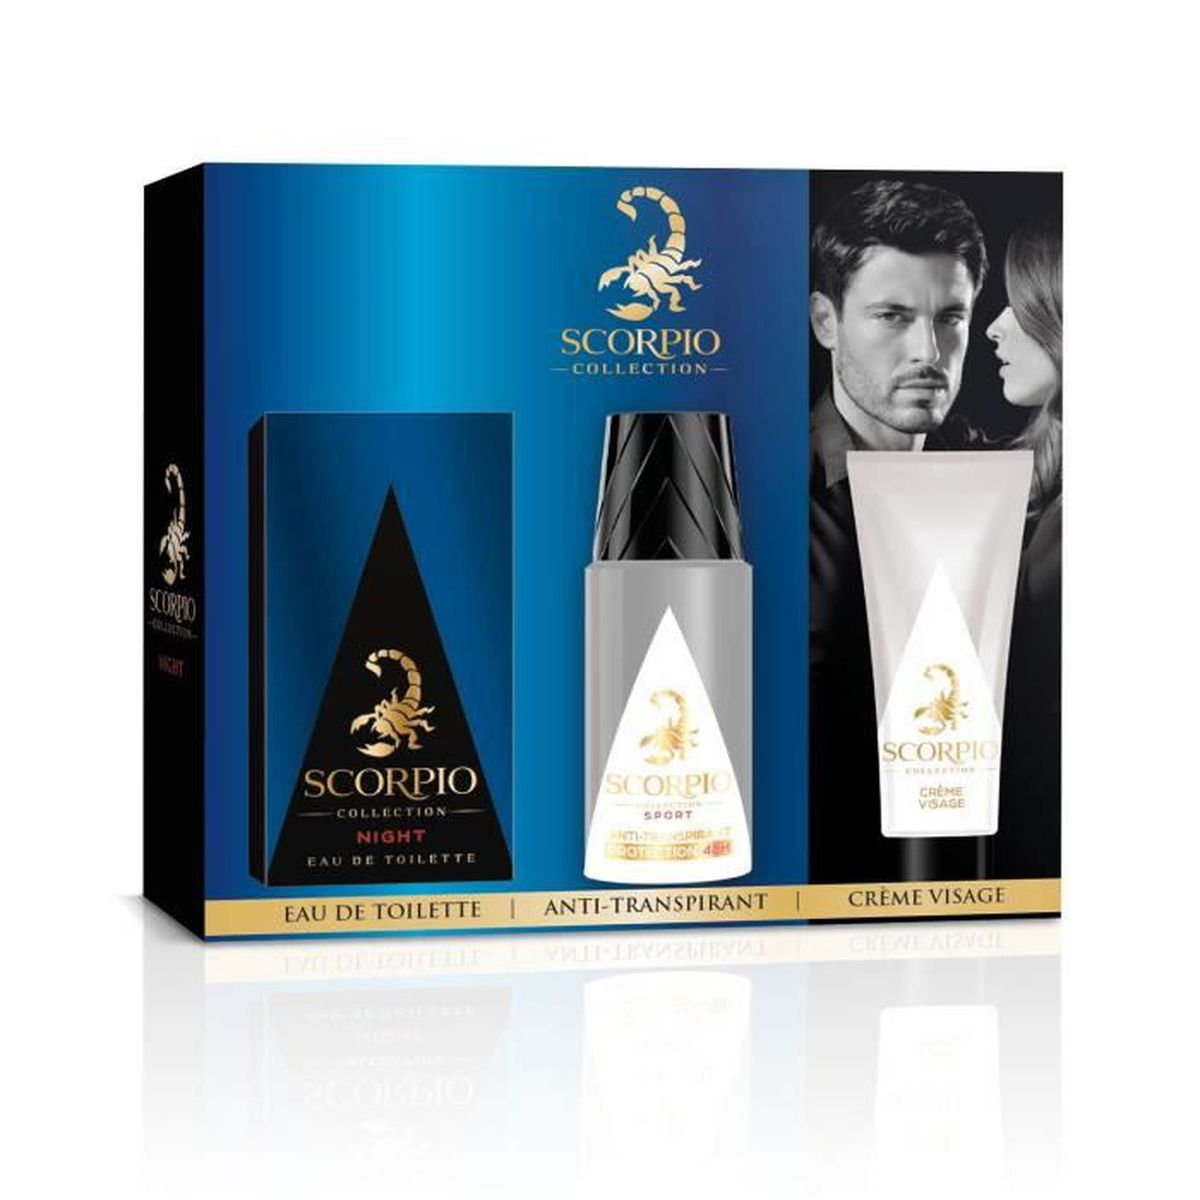 Collection Et Scorpio Gel Toilette 75mlDéodorant Night 3 Atomiseur Eau 50ml Crème Pour De 150ml Flacon Visage Coffret Produits tCQxdrshB